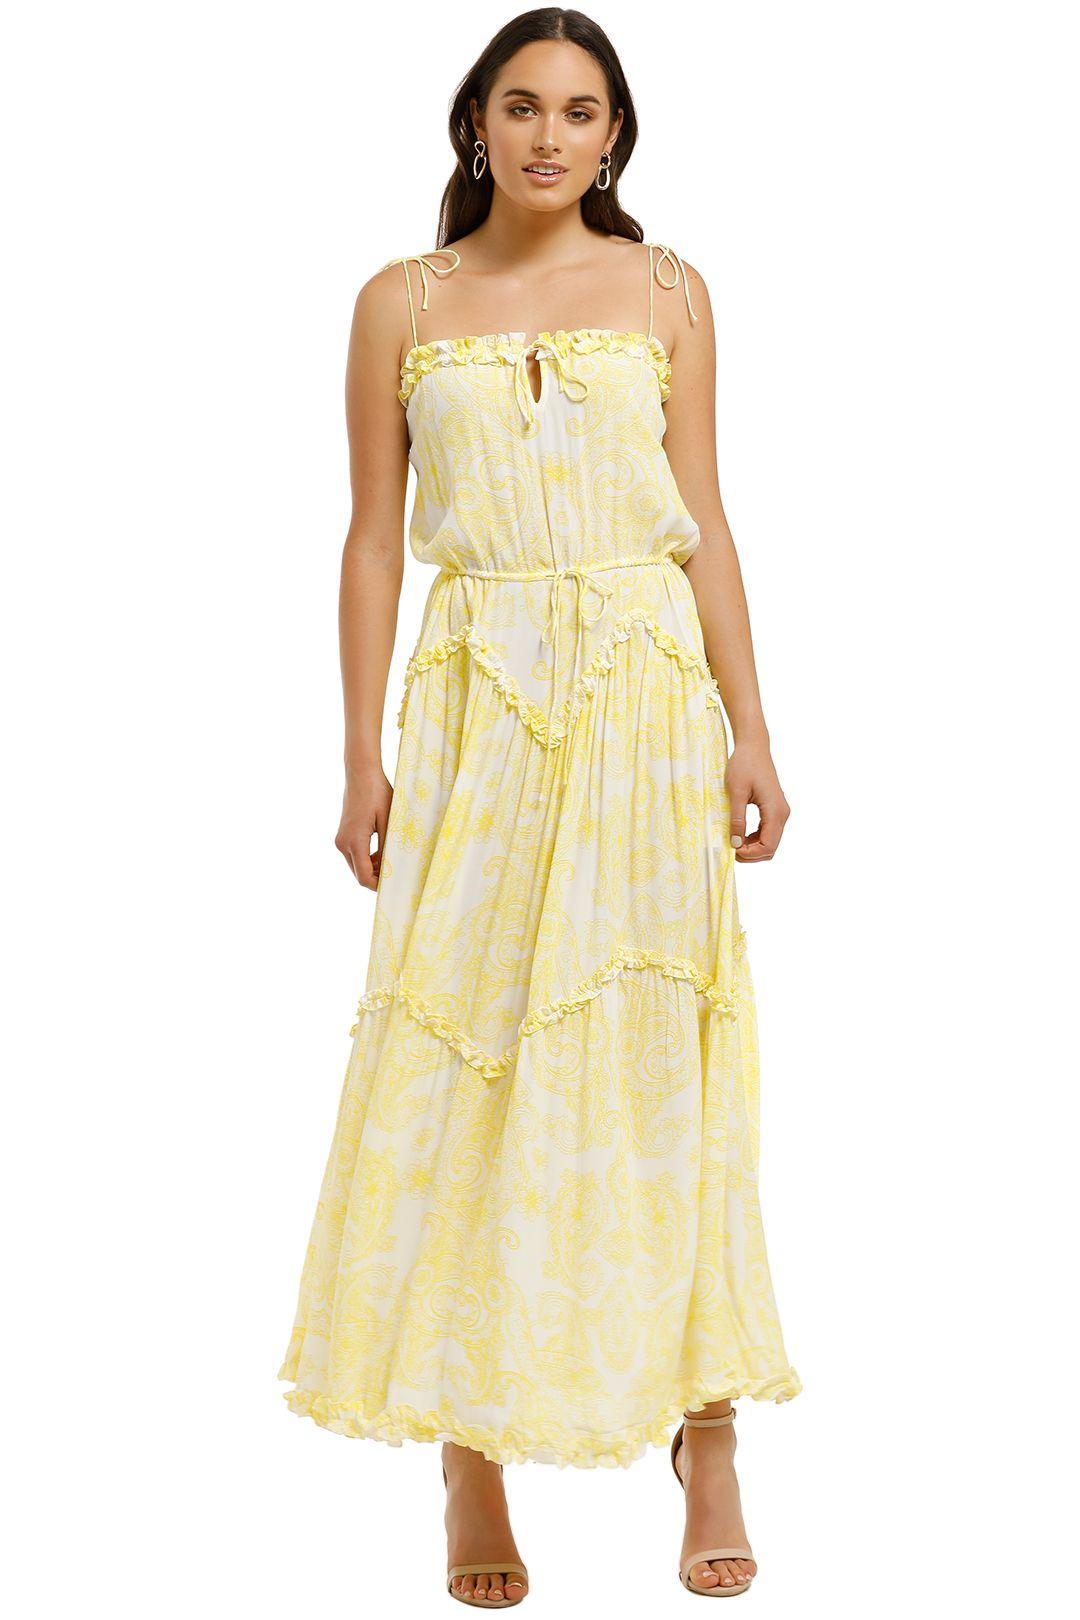 SWF-Dynamic-Dress-Paisley-Lemon-Front